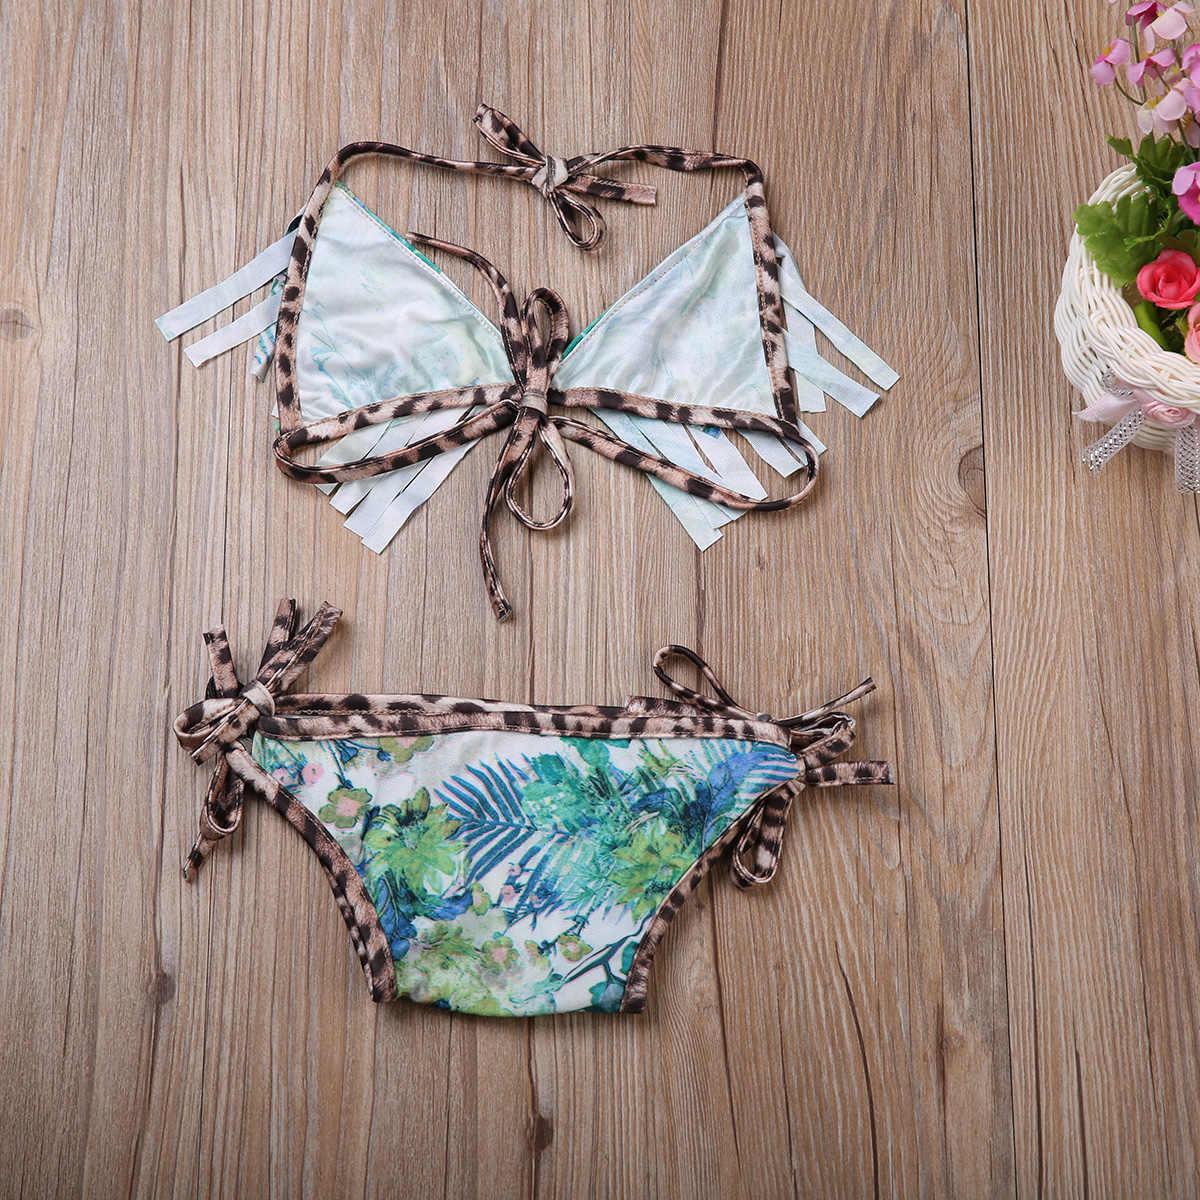 2019 2 pièces Bébé Fille Nouveau-Né Ensemble de Bikini Maillot De Bain Maillot De Bain Gland Maillots De Bain Vêtements Impression Mode 0-24 Mois